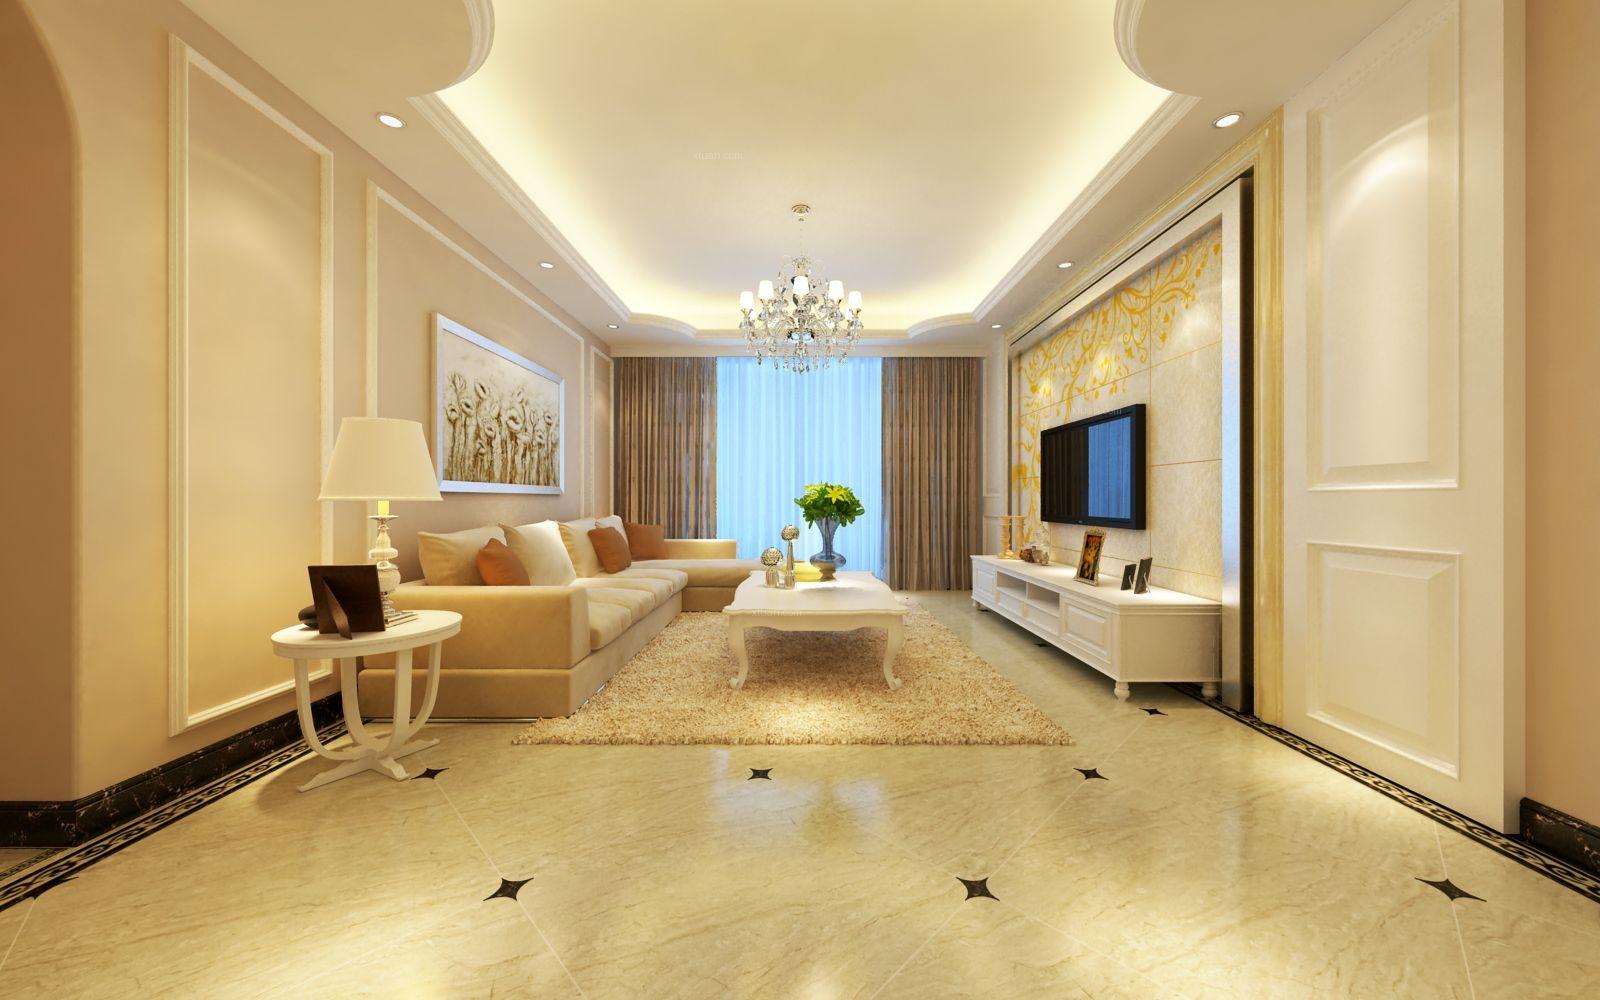 三室两厅简欧风格客厅电视背景墙图片